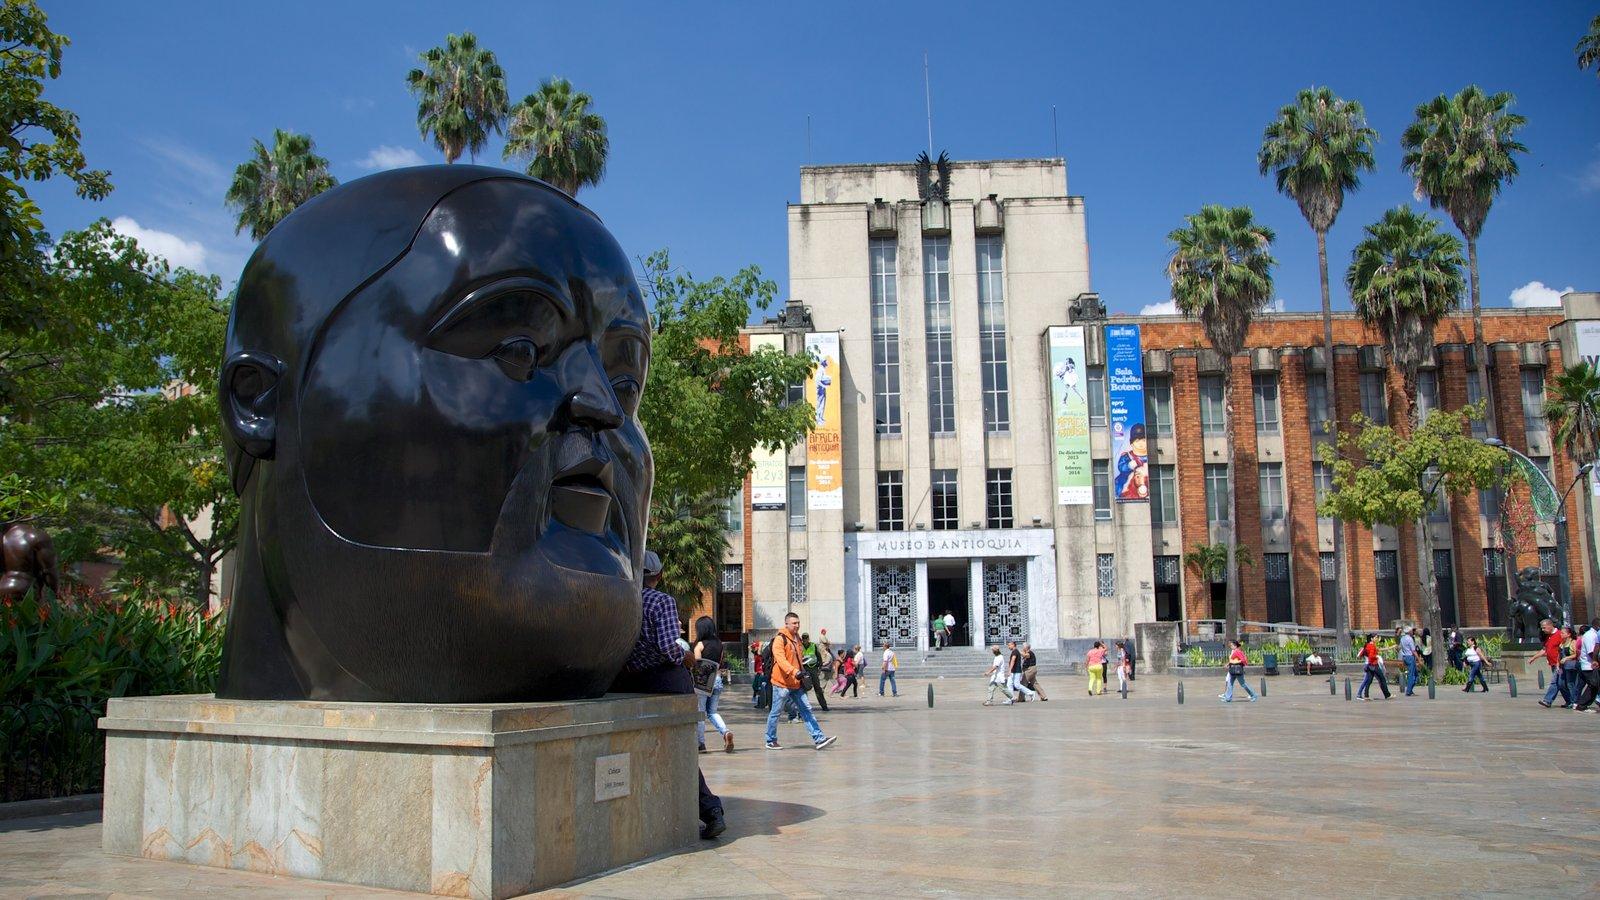 Parque de Esculturas da Plaza Botero caracterizando arquitetura de patrimônio, uma praça ou plaza e um monumento